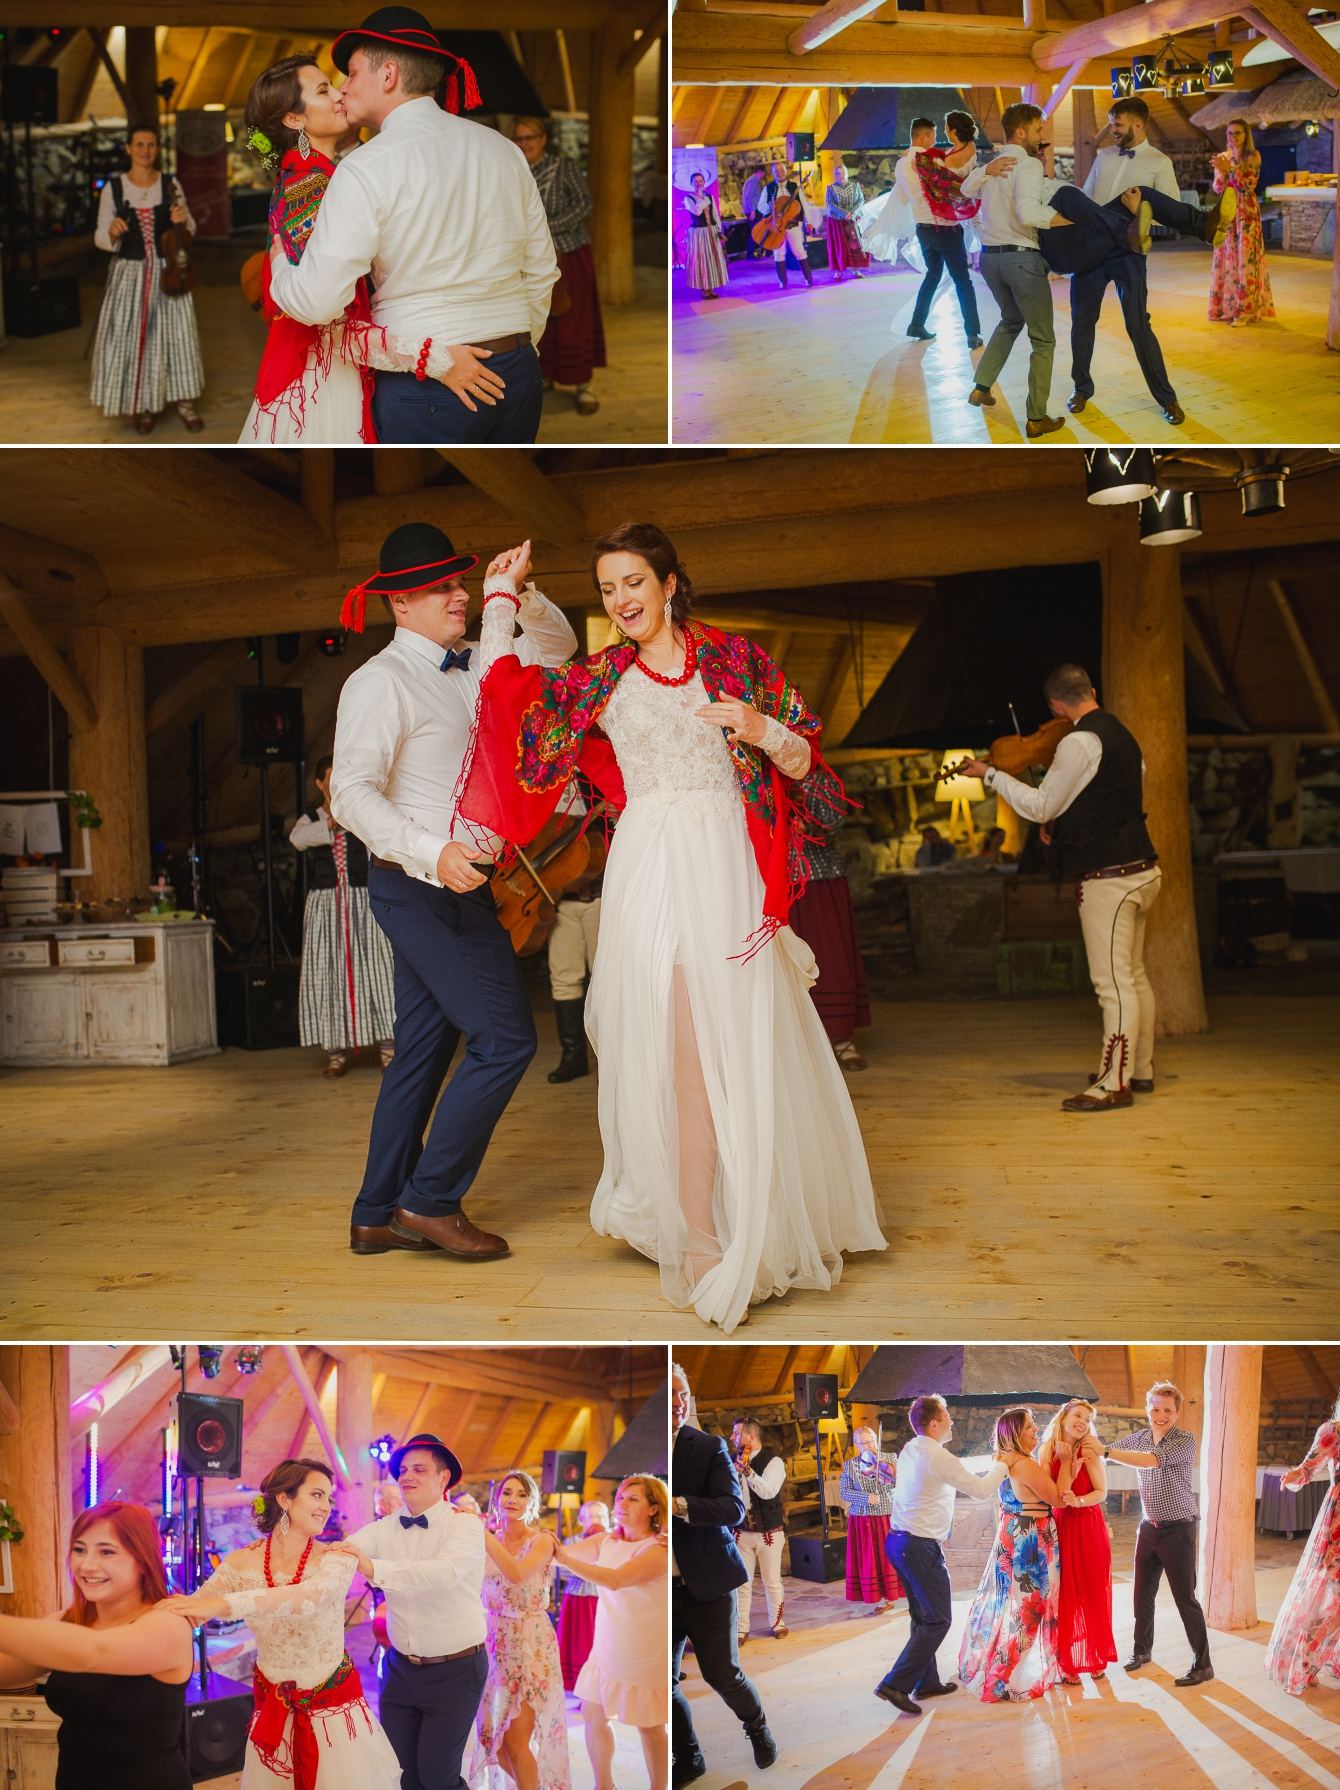 Ania i Damian - ślub w górach - Kocierz SPA - fotografia ślubna - bartek Wyrobek  (25).jpg